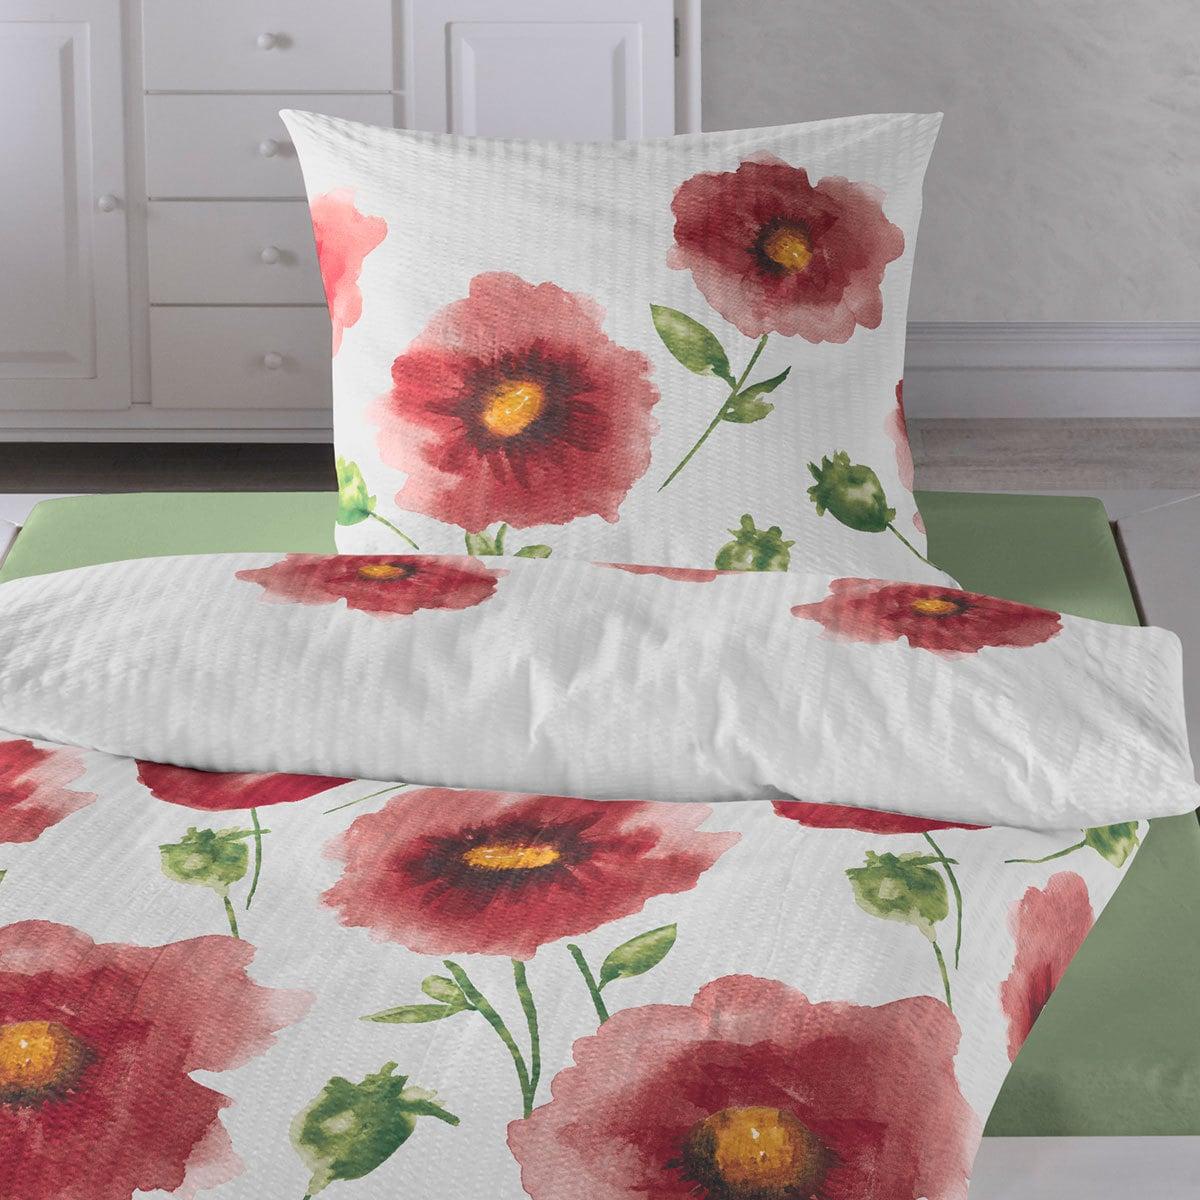 traumschlaf seersucker bettw sche mohnblume rot g nstig online kaufen bei bettwaren shop. Black Bedroom Furniture Sets. Home Design Ideas